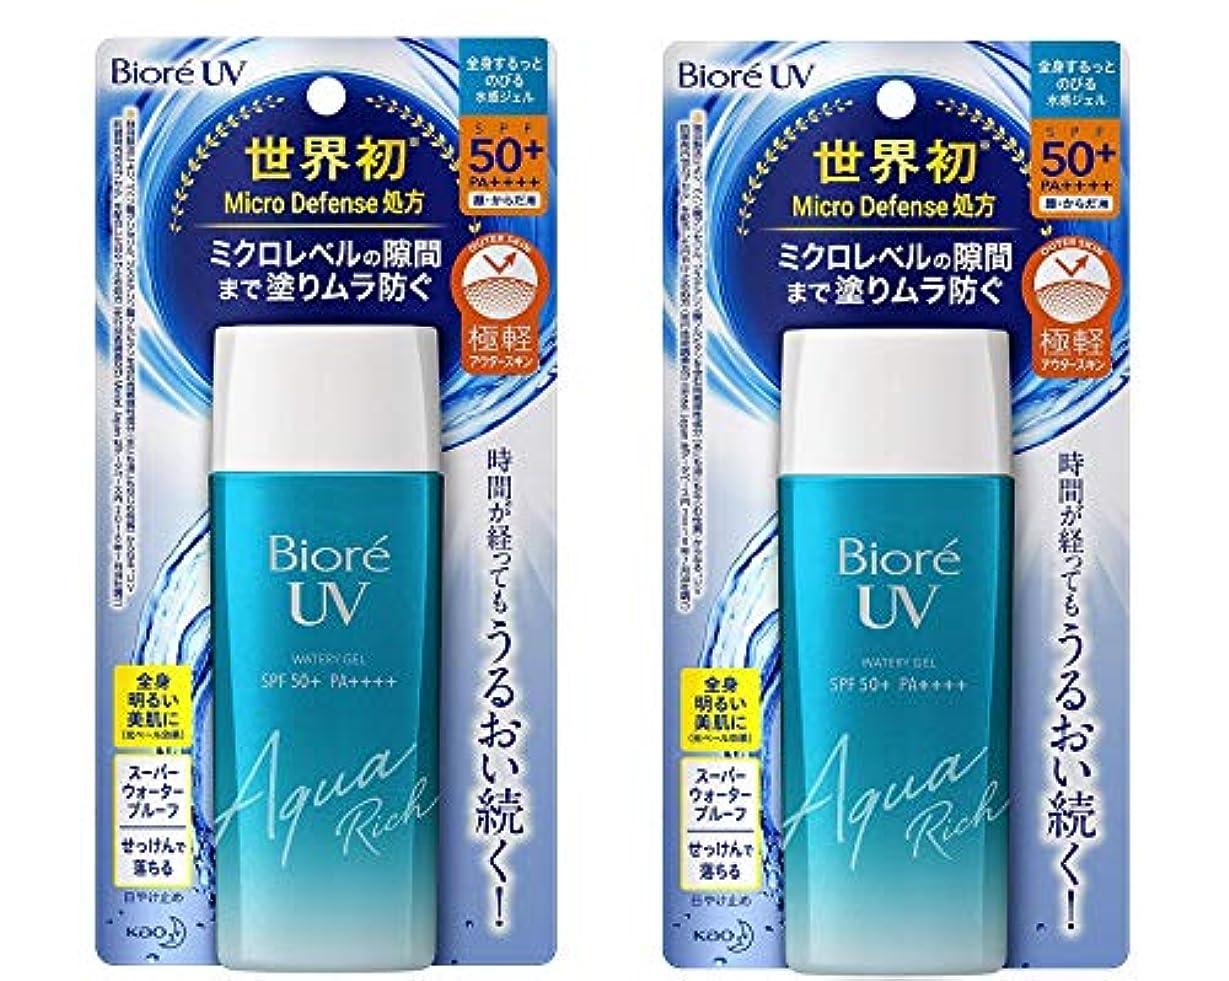 相反するどきどき染料【まとめ販売2個セット】ビオレ UV アクアリッチ ウォータリージェル SPF50+